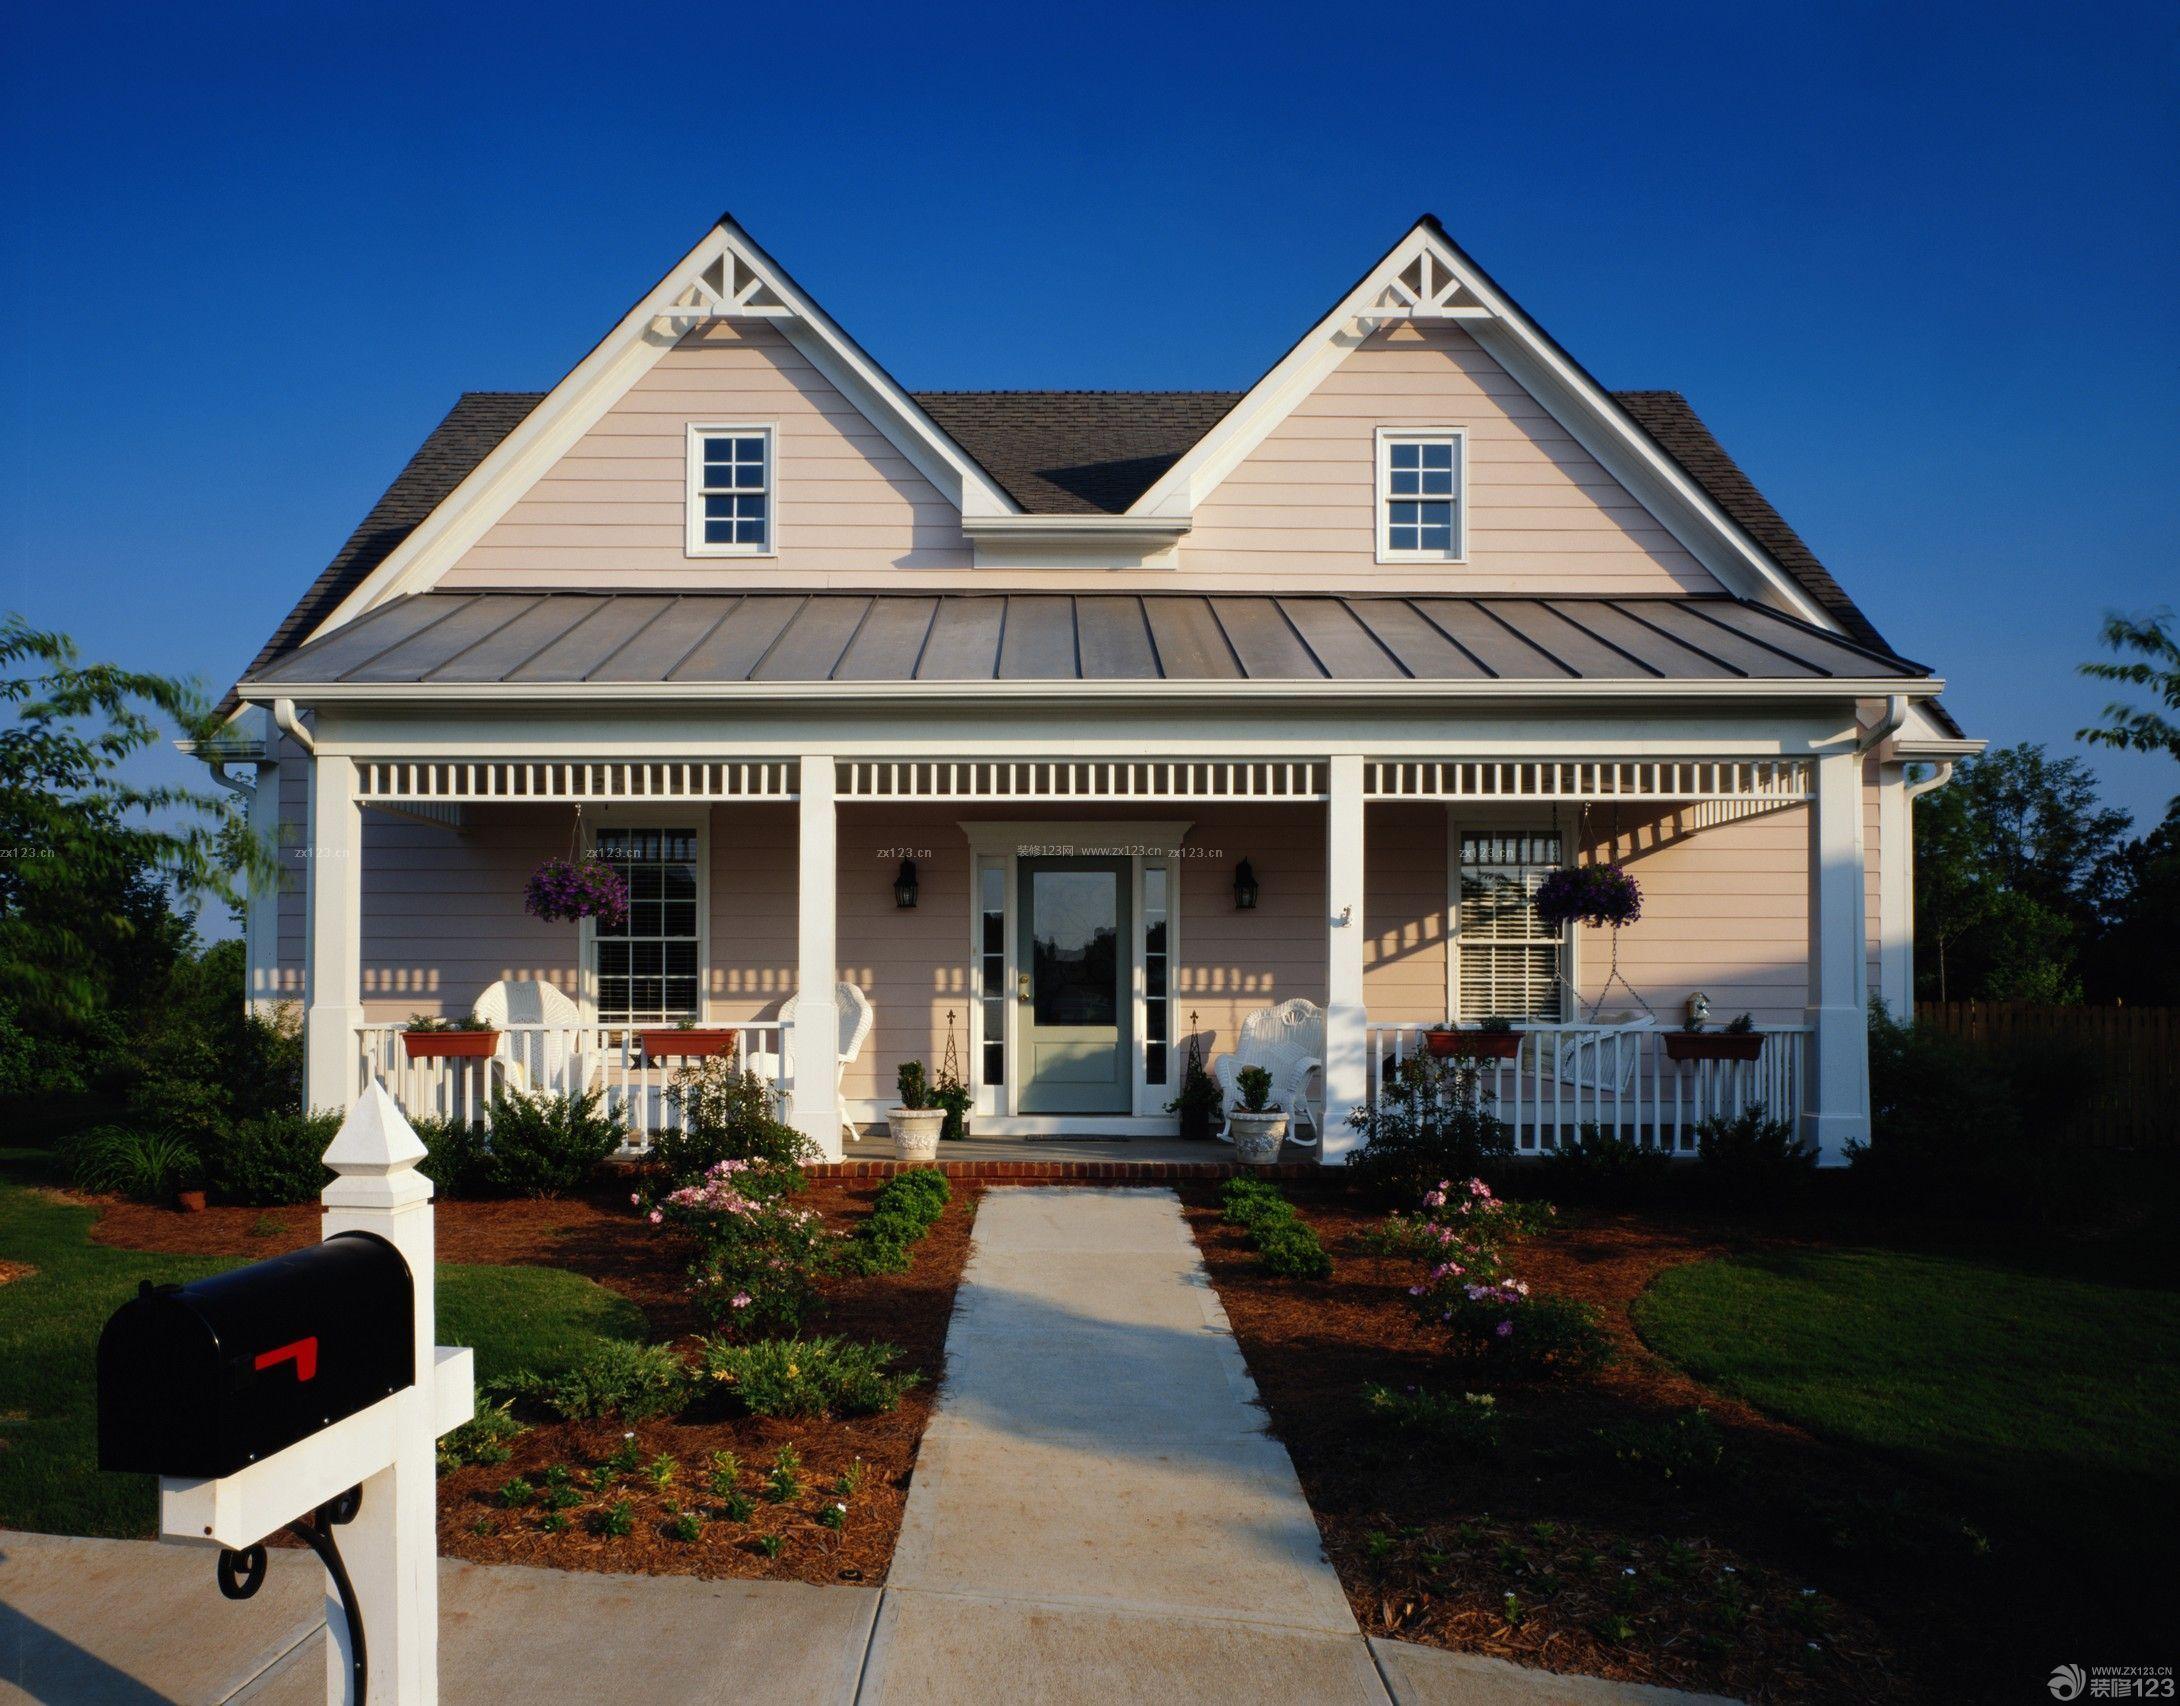 带阁楼新农村二层小别墅设计图纸带外观图